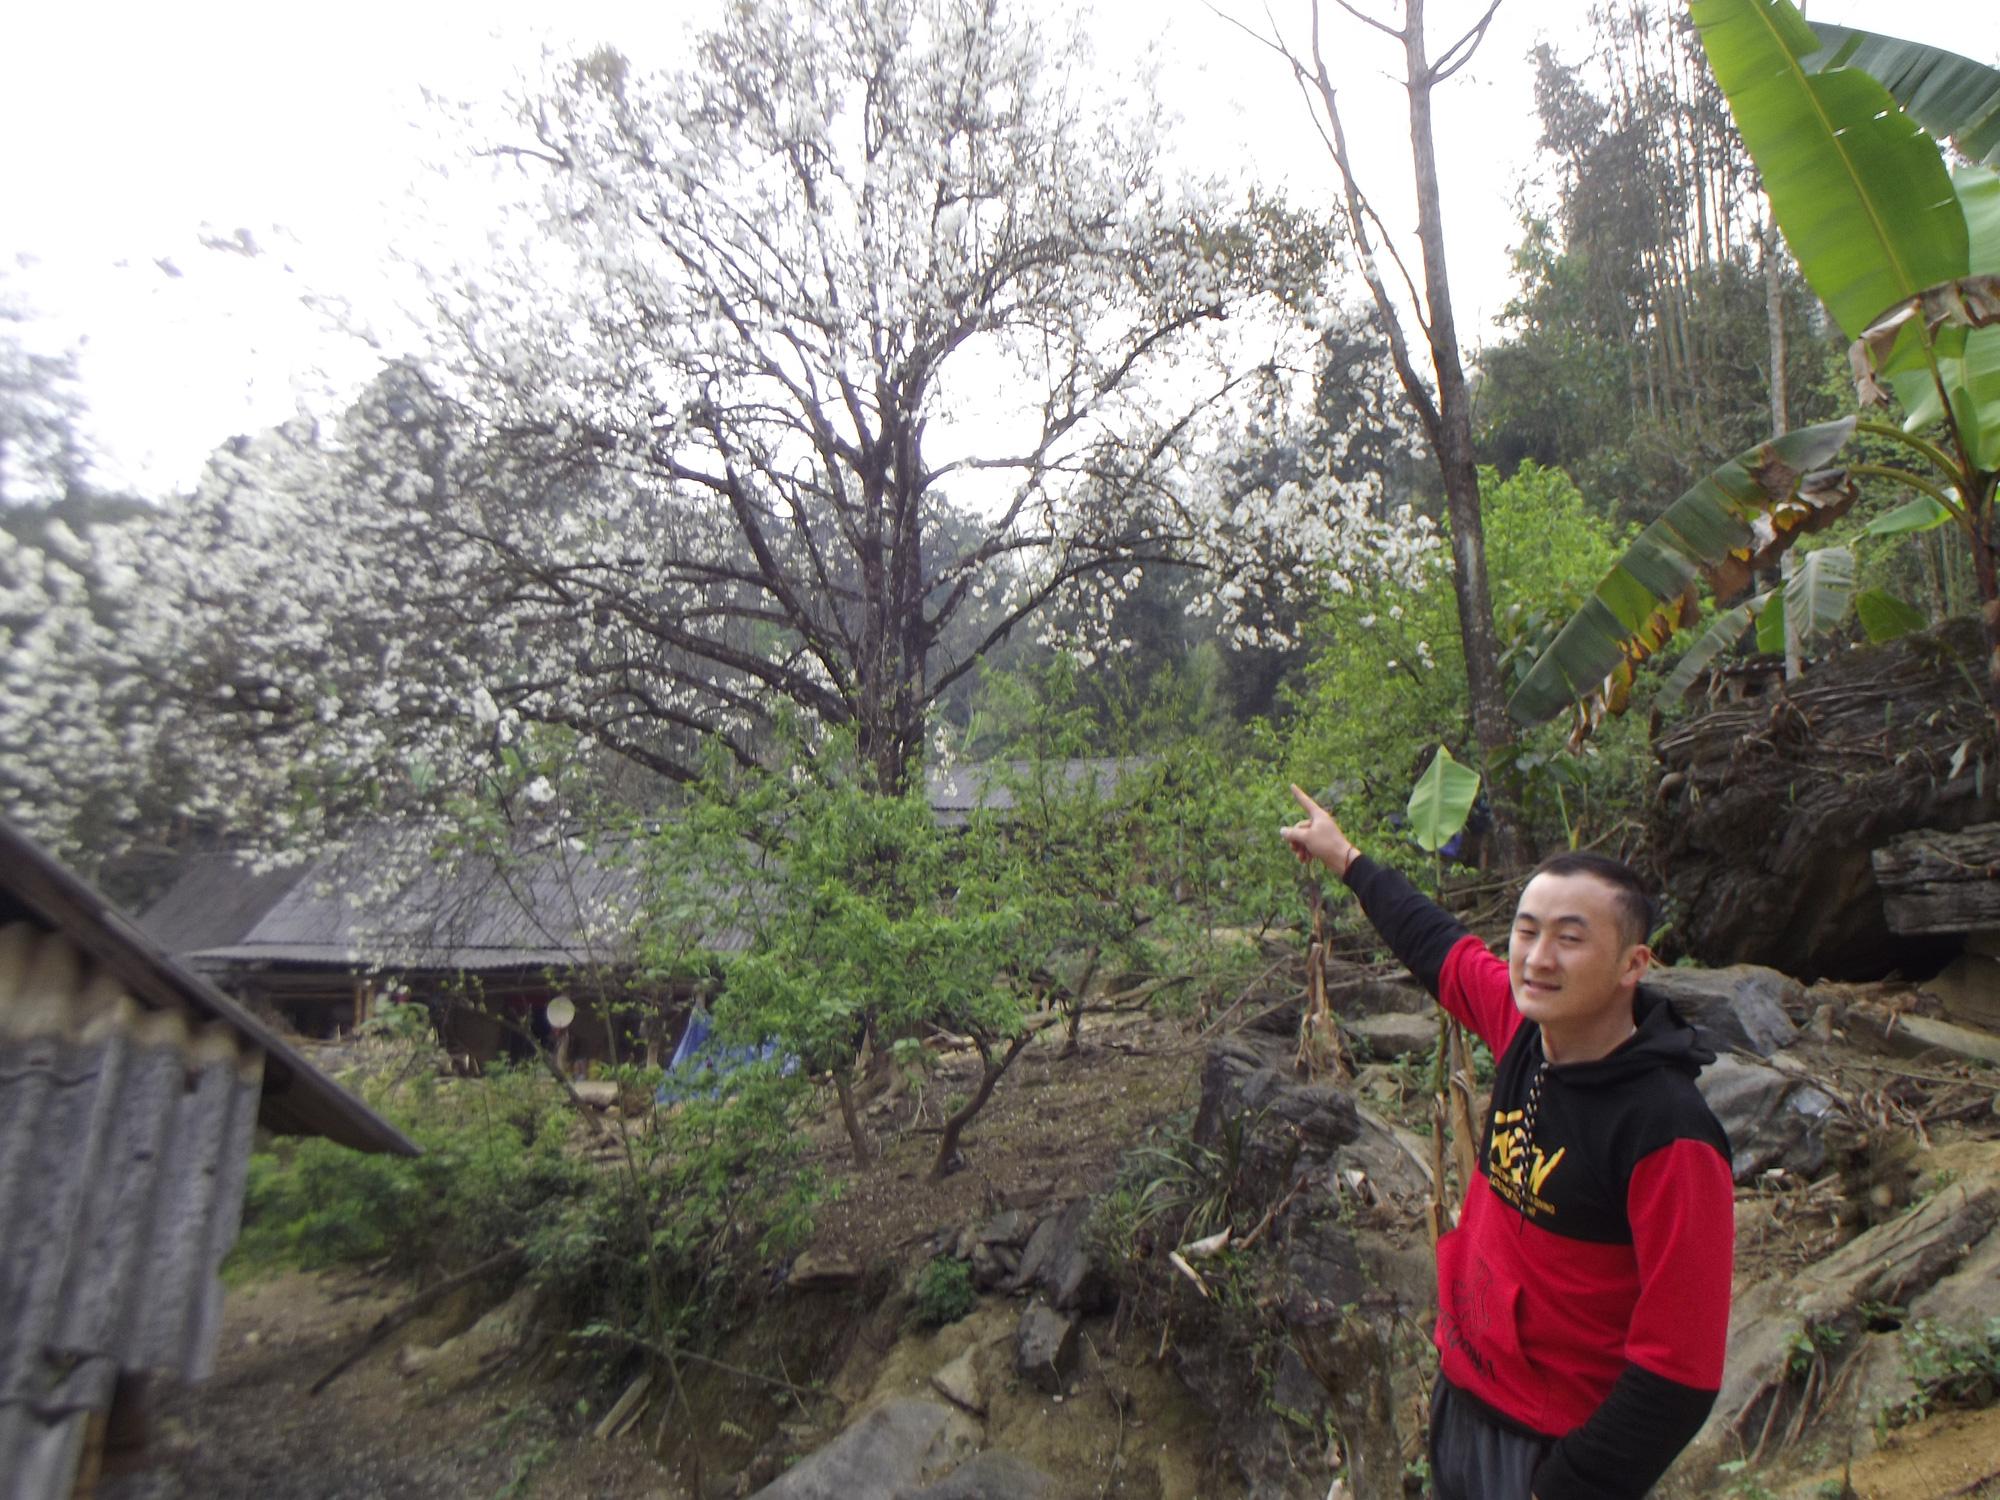 Lào Cai: Du khách đổ xô đến ngắm 3 cây lê cổ thụ, mọc trắng xóa sau nhà trình tường ở Bắc Hà - Ảnh 8.